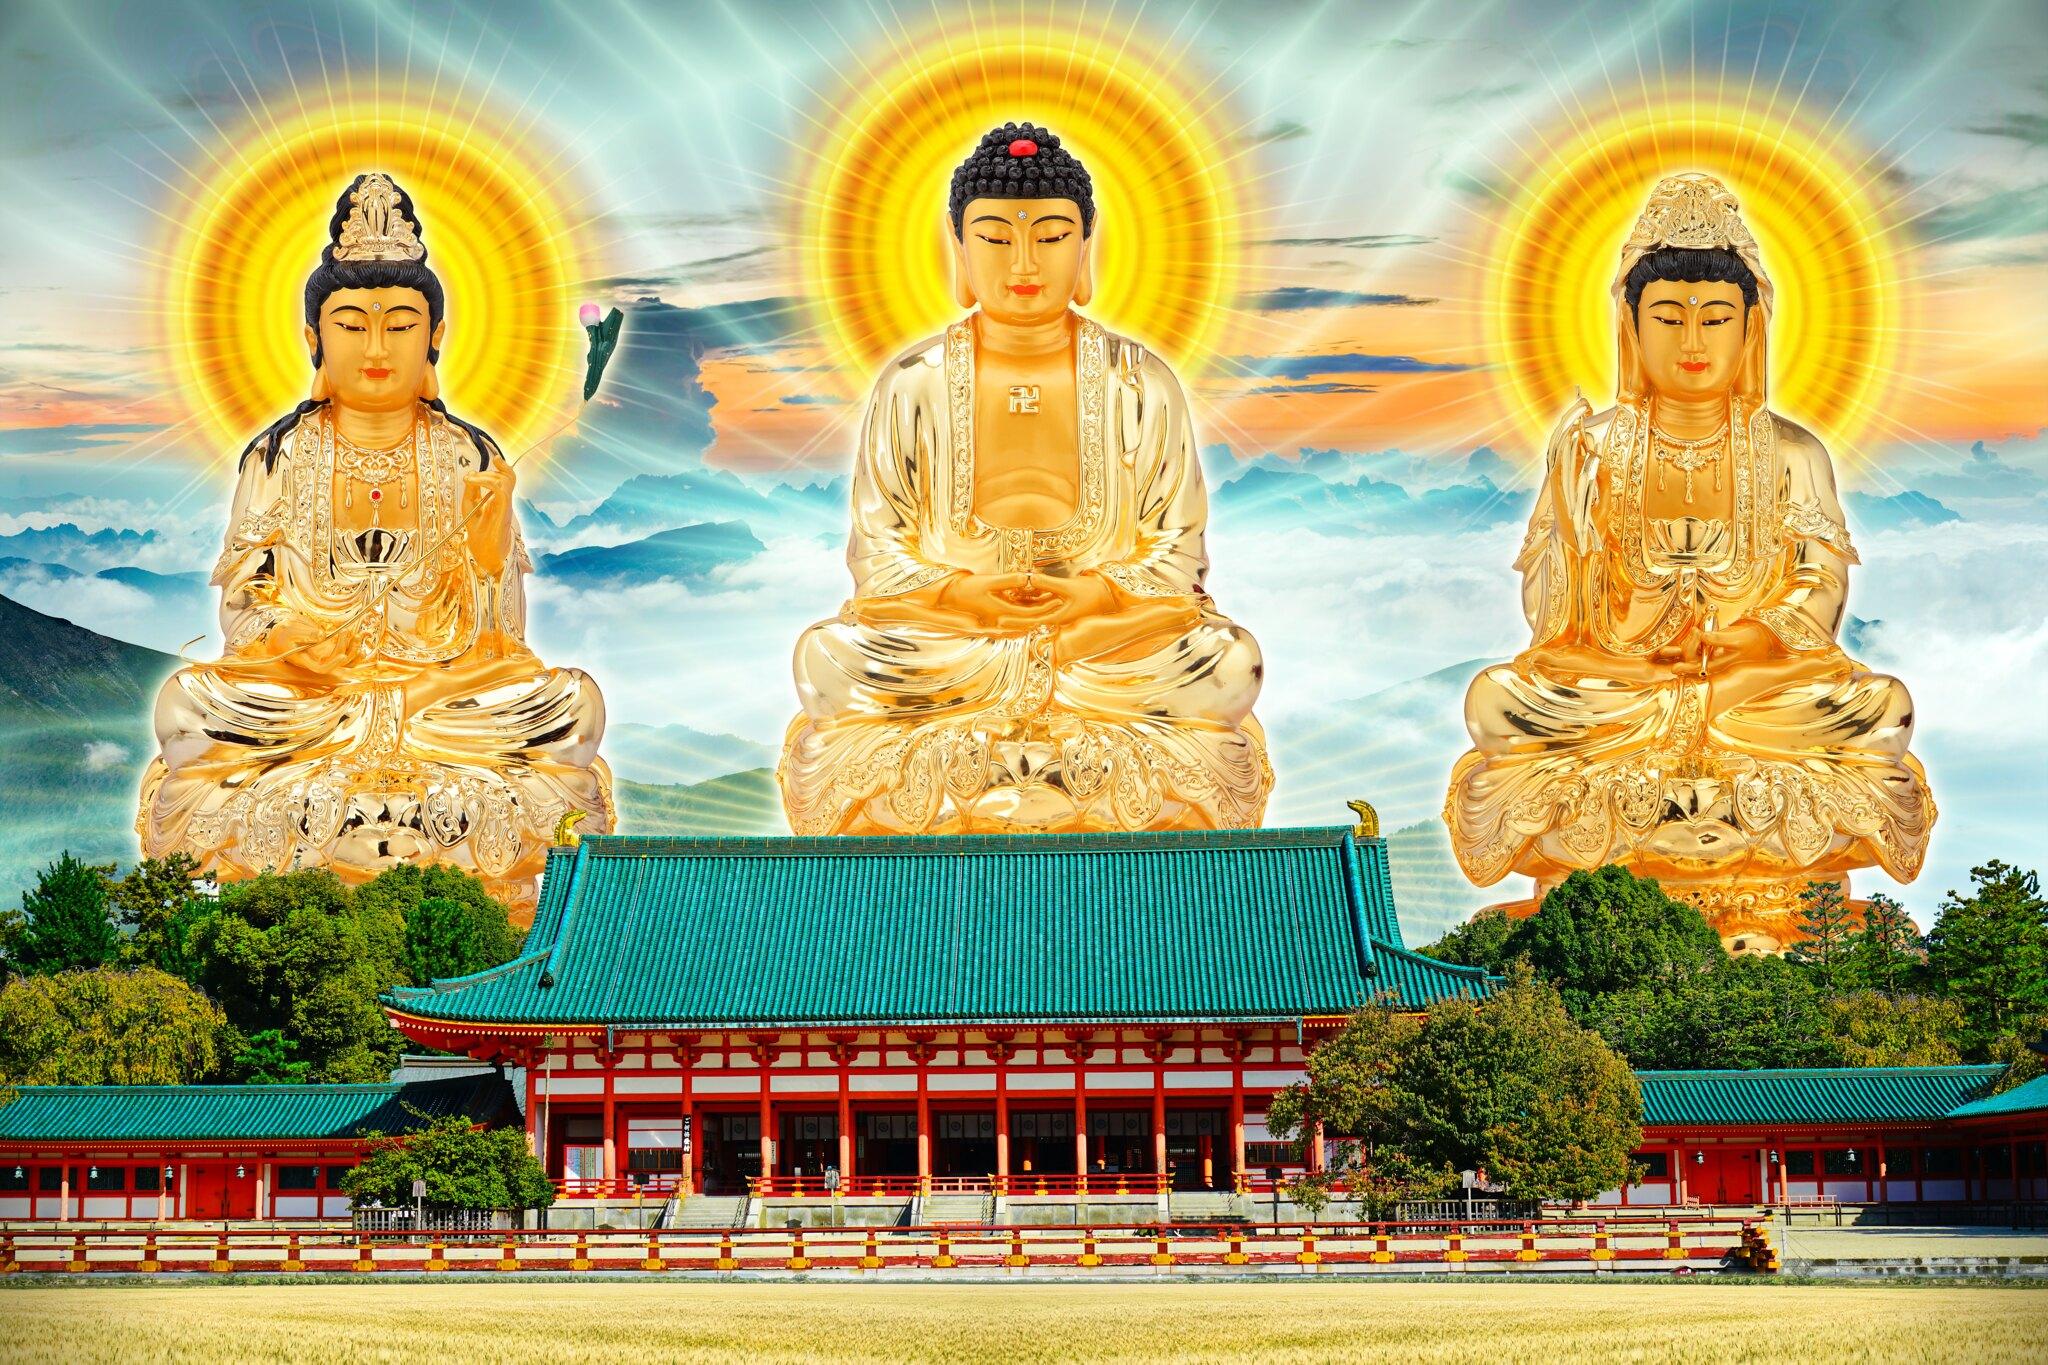 Cách Sống Bình An, Hạnh Phúc, Theo Triết Lý Nhà Phật